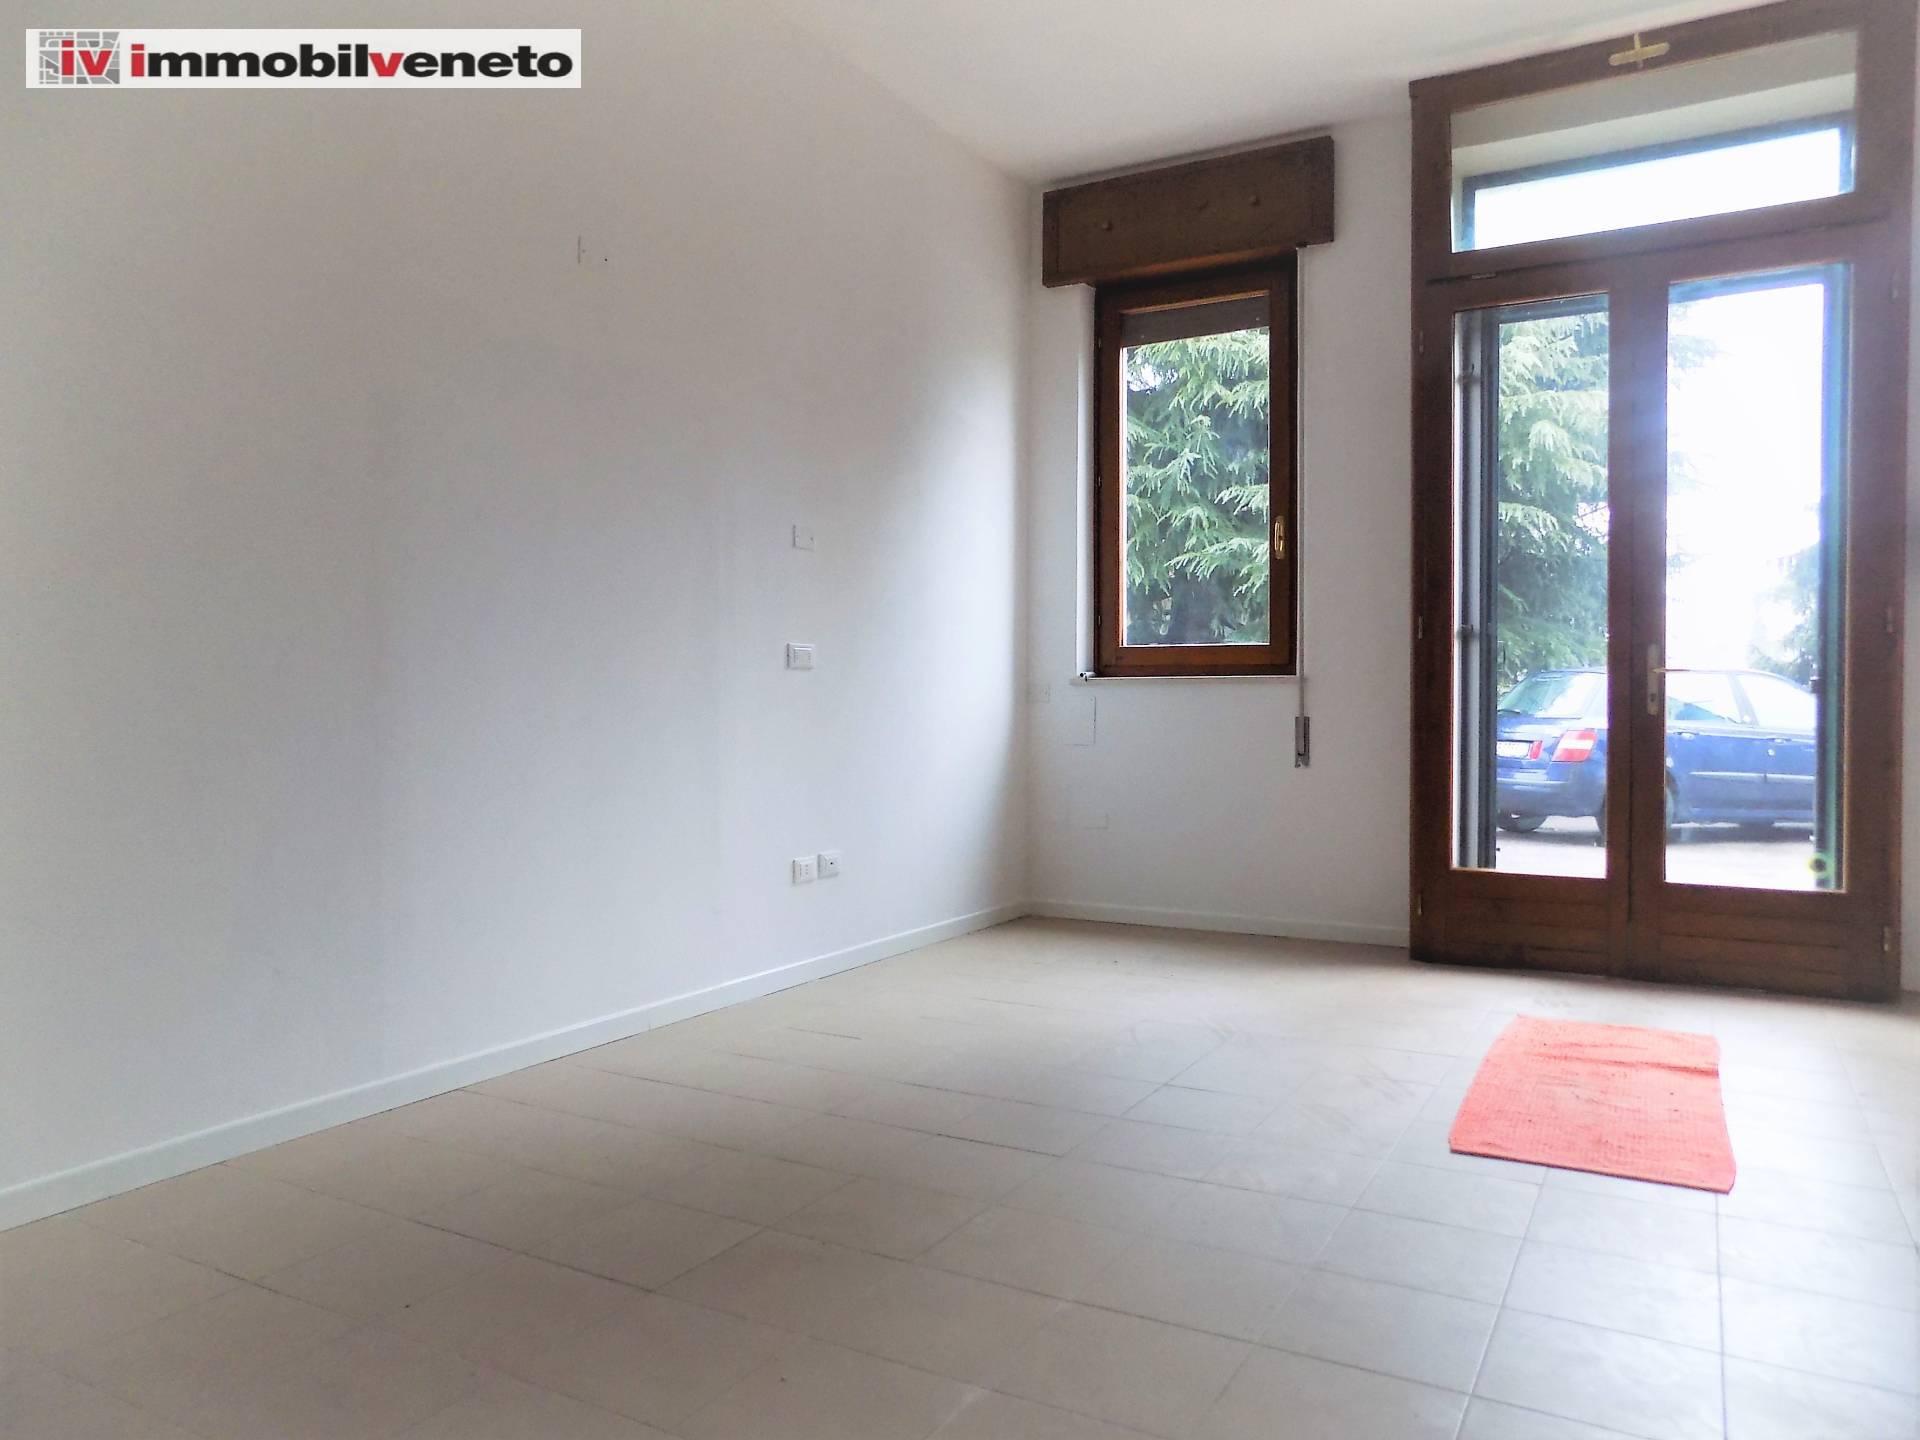 Attività / Licenza in affitto a Pojana Maggiore, 9999 locali, zona Zona: Cagnano, prezzo € 390 | CambioCasa.it